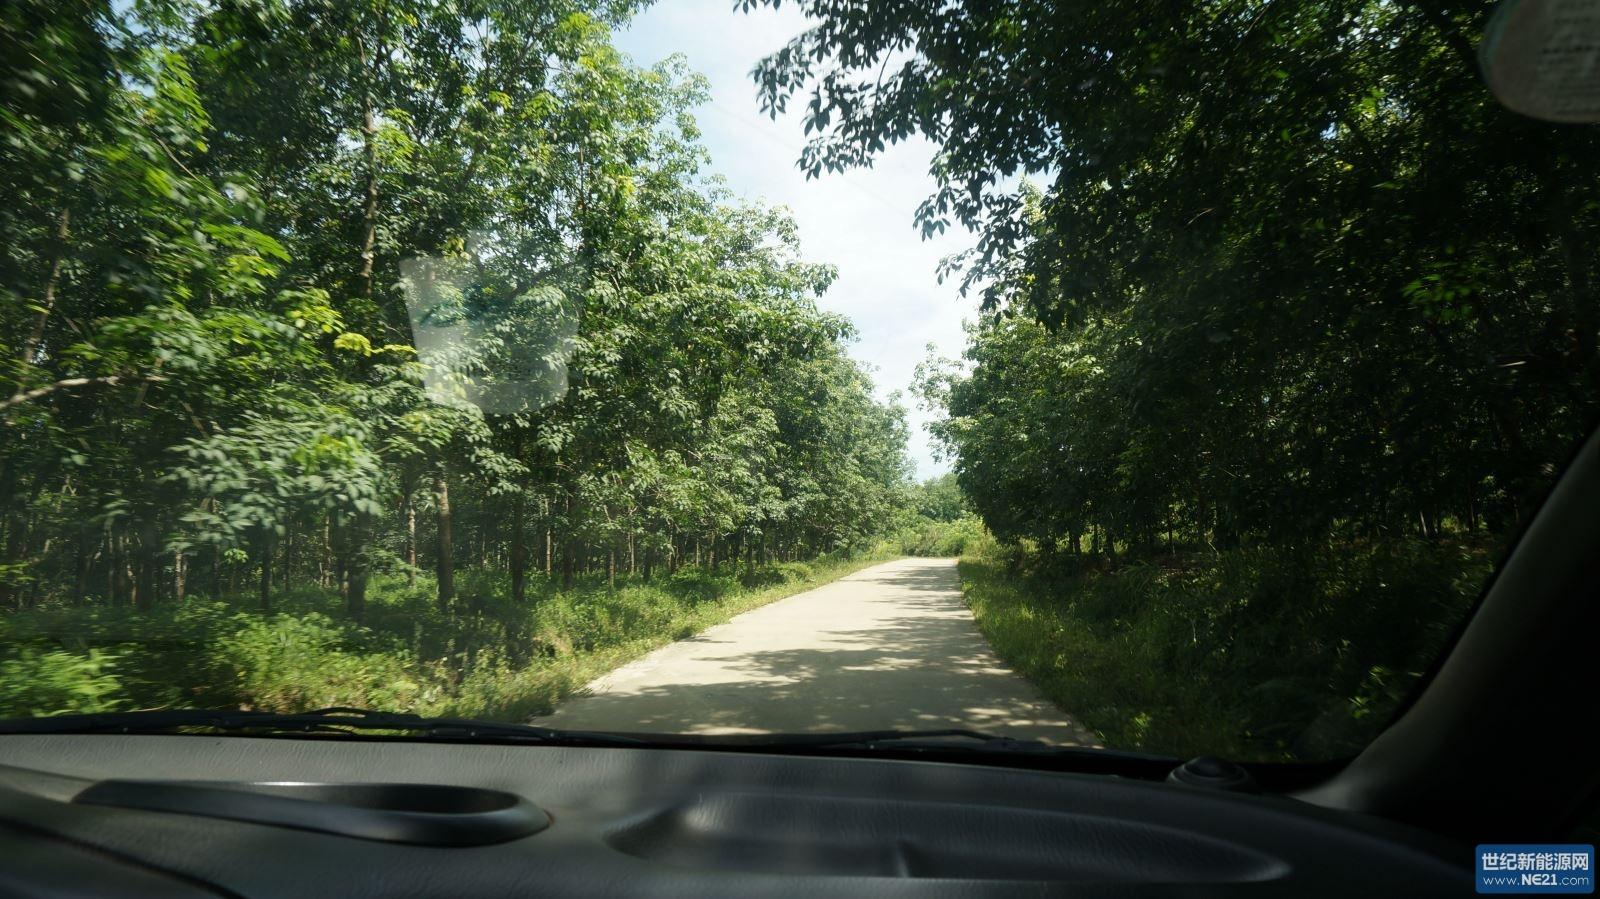 橡胶树的乡间公路行驶1个多小时